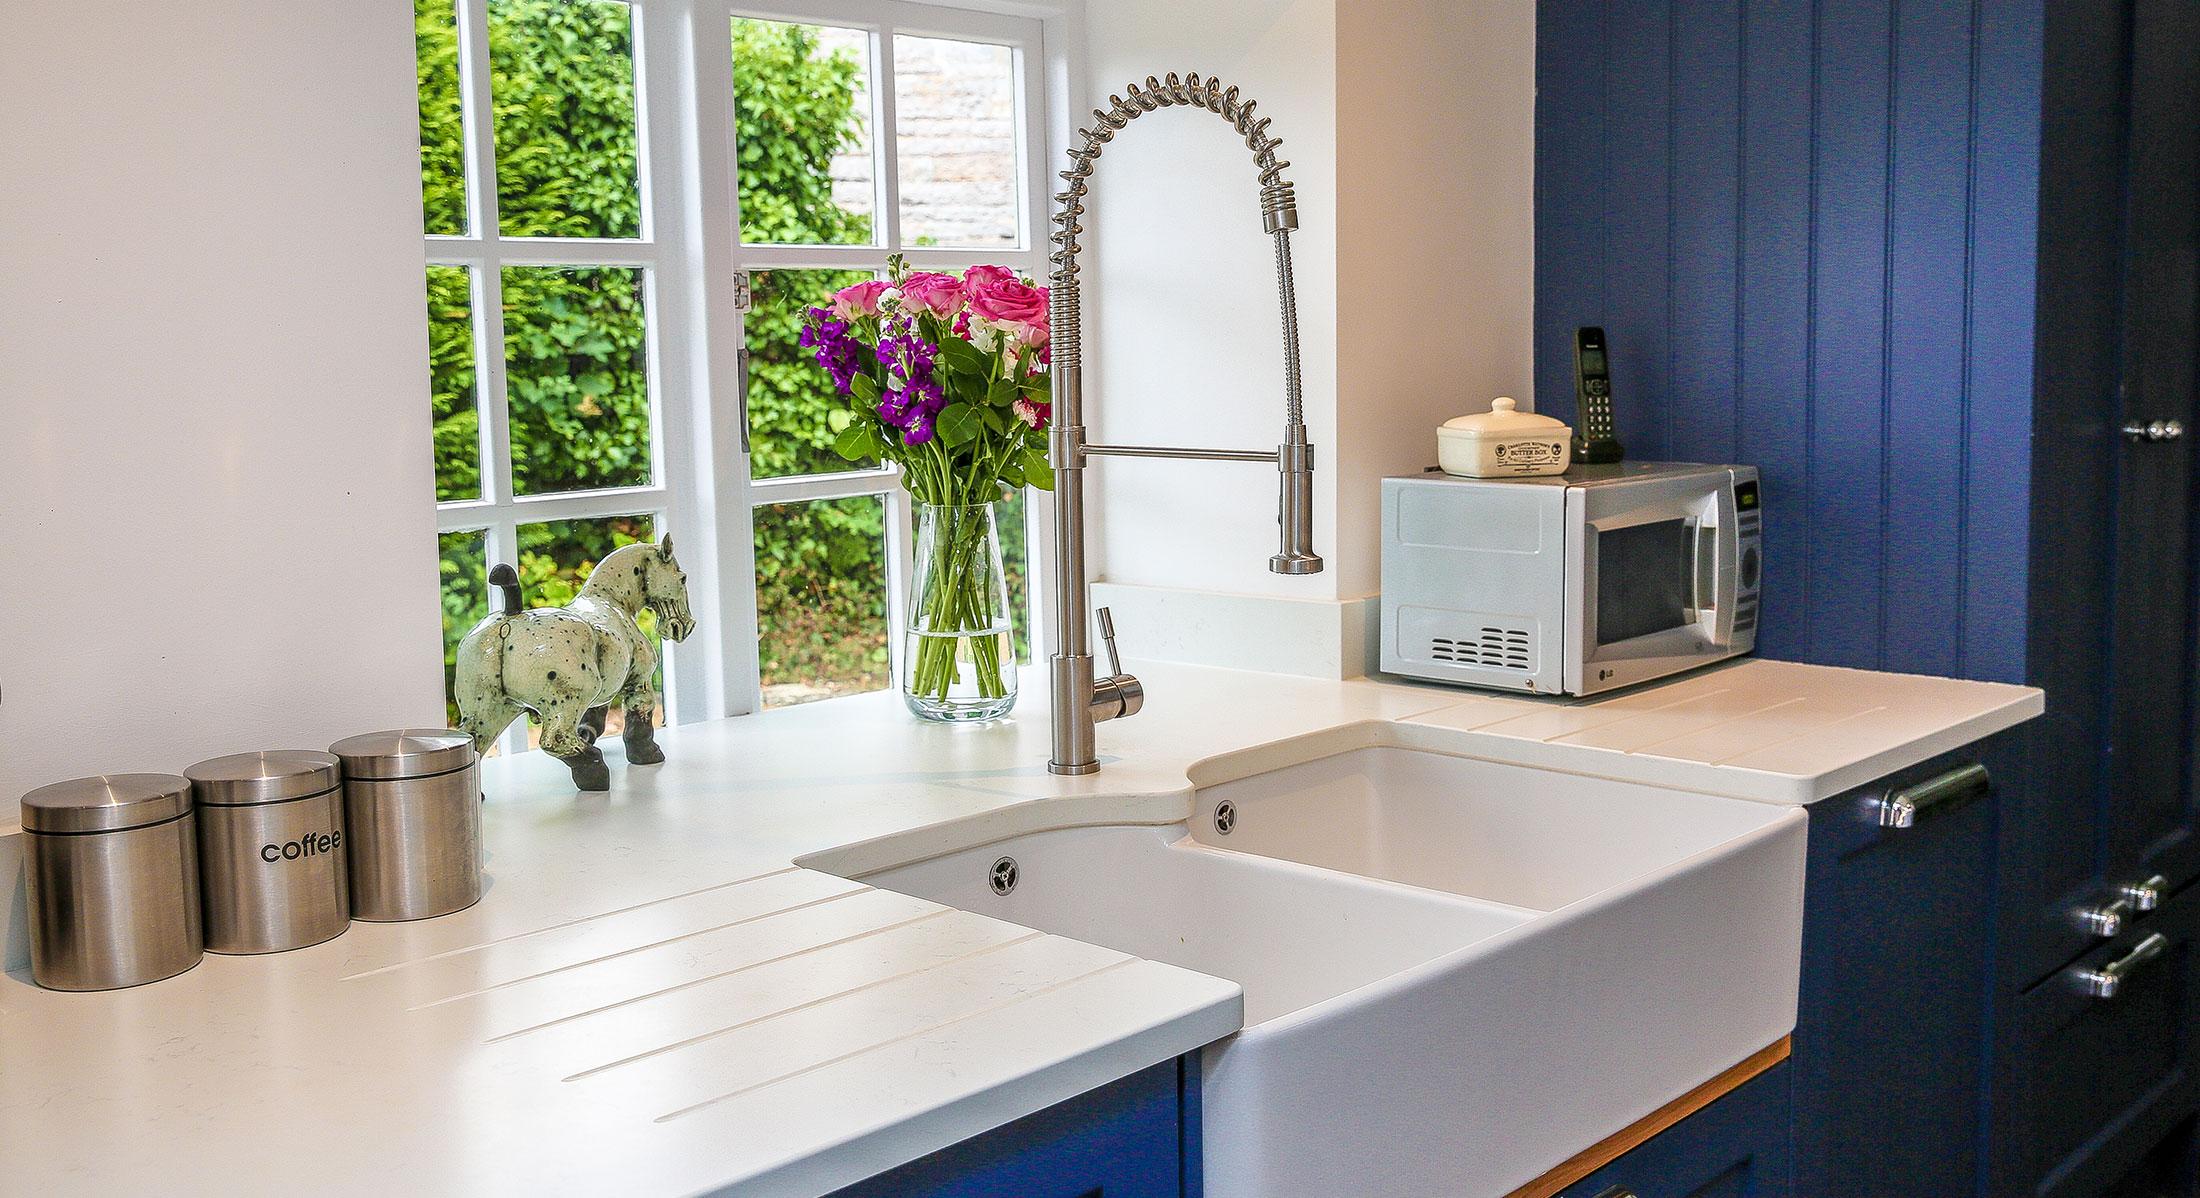 villeroy-boch-belfast-sink